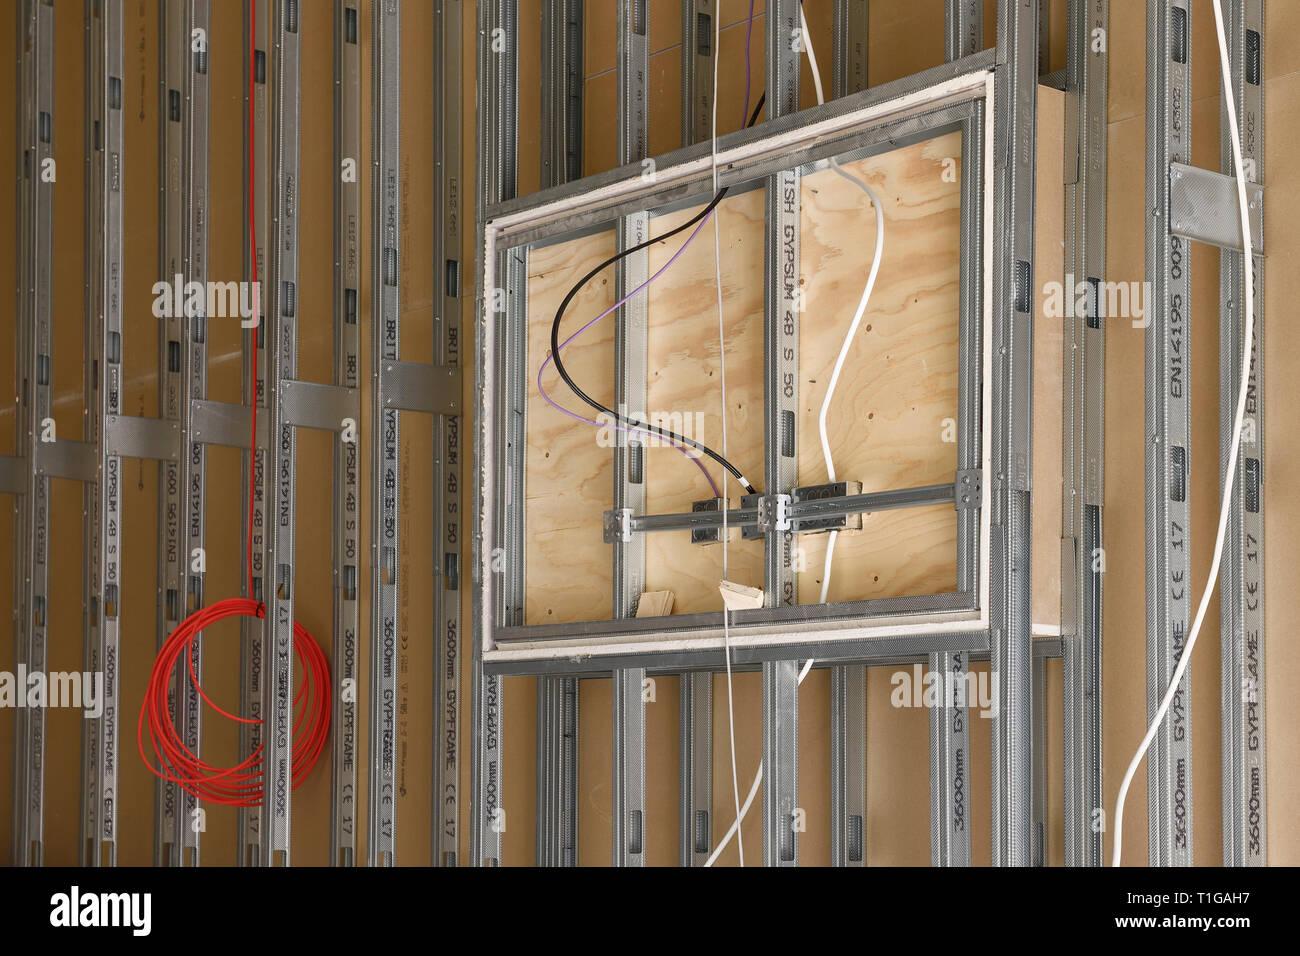 Gypframe perfiles de metal utilizado para tabiques internos en montar una oficina en el REINO UNIDO Foto de stock